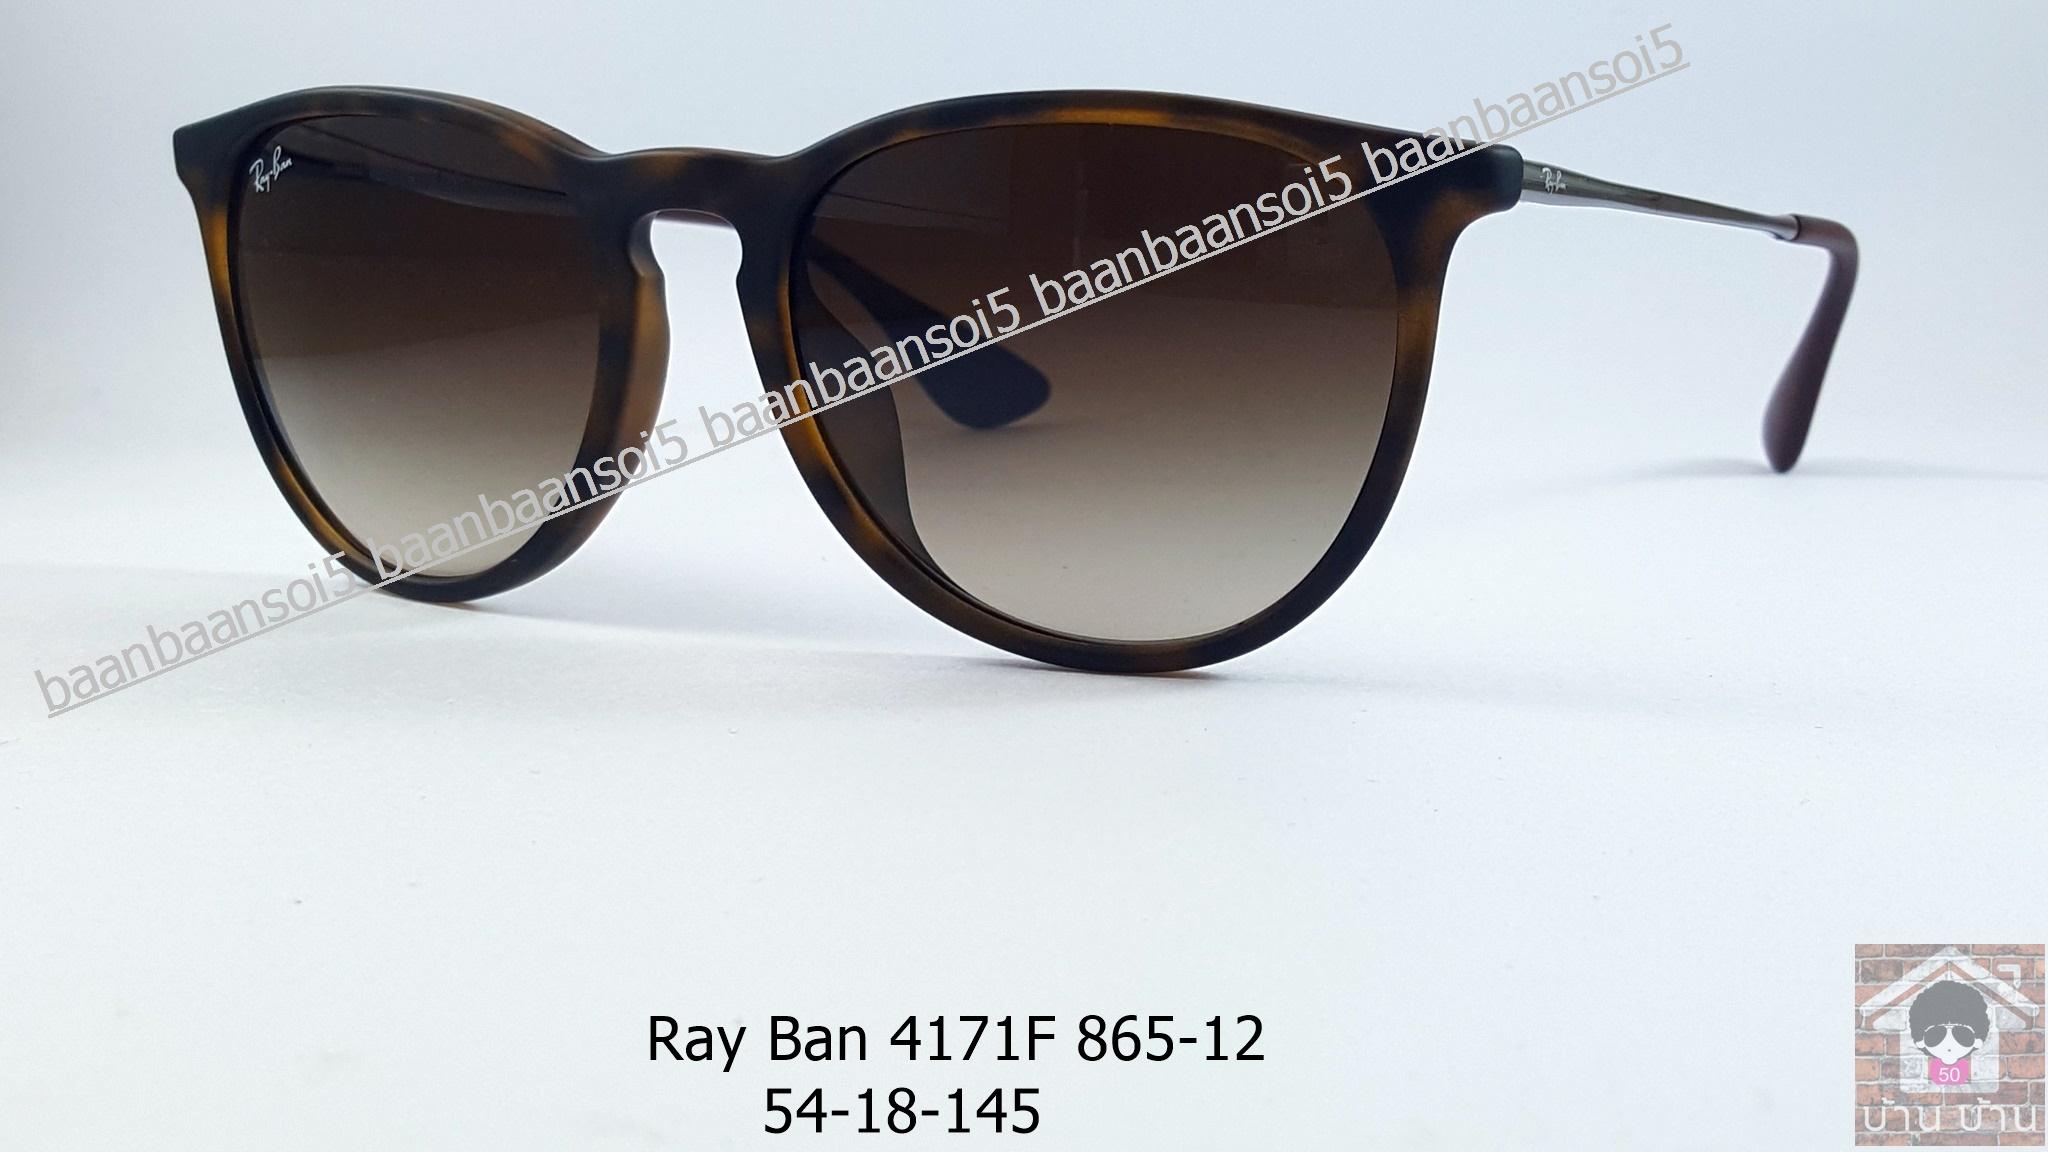 Rayban RB 4171F 865/13 โปรโมชั่น กรอบแว่นตาพร้อมเลนส์ HOYA ราคา 3,600 บาท